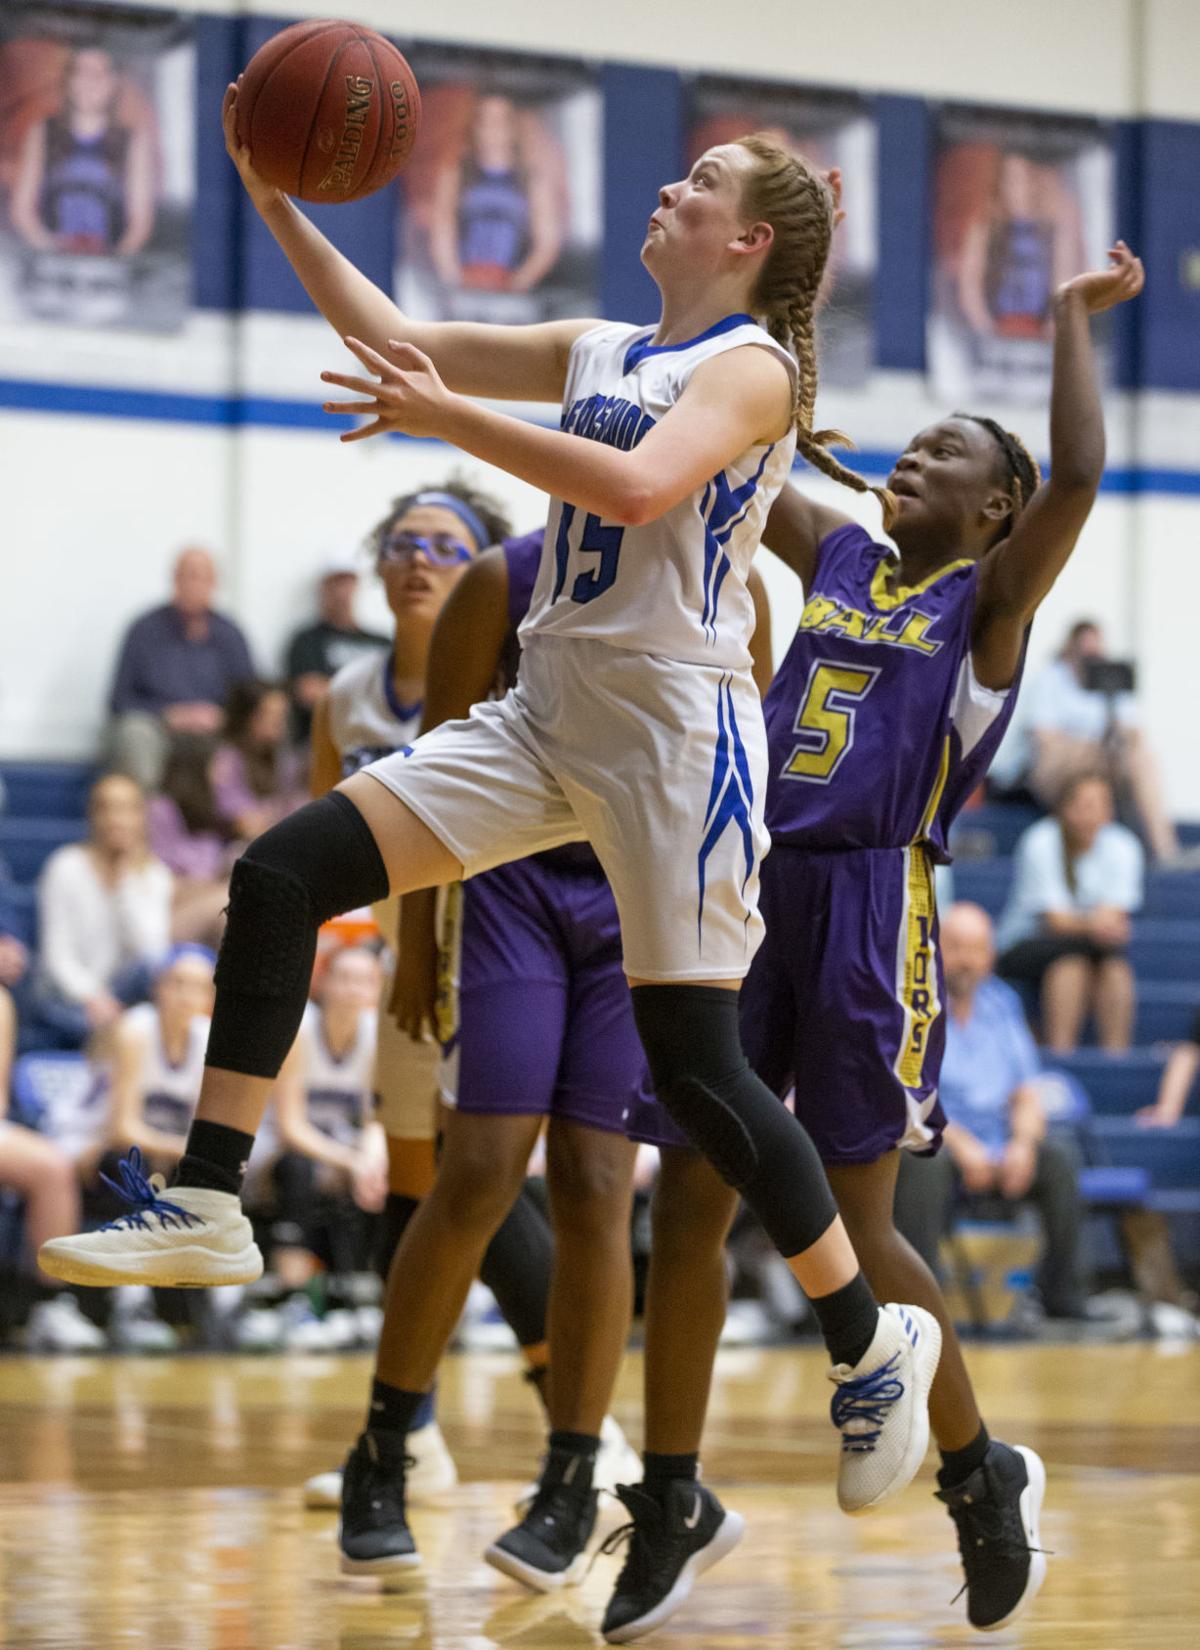 Ball vs Friendswood Girls Basketball